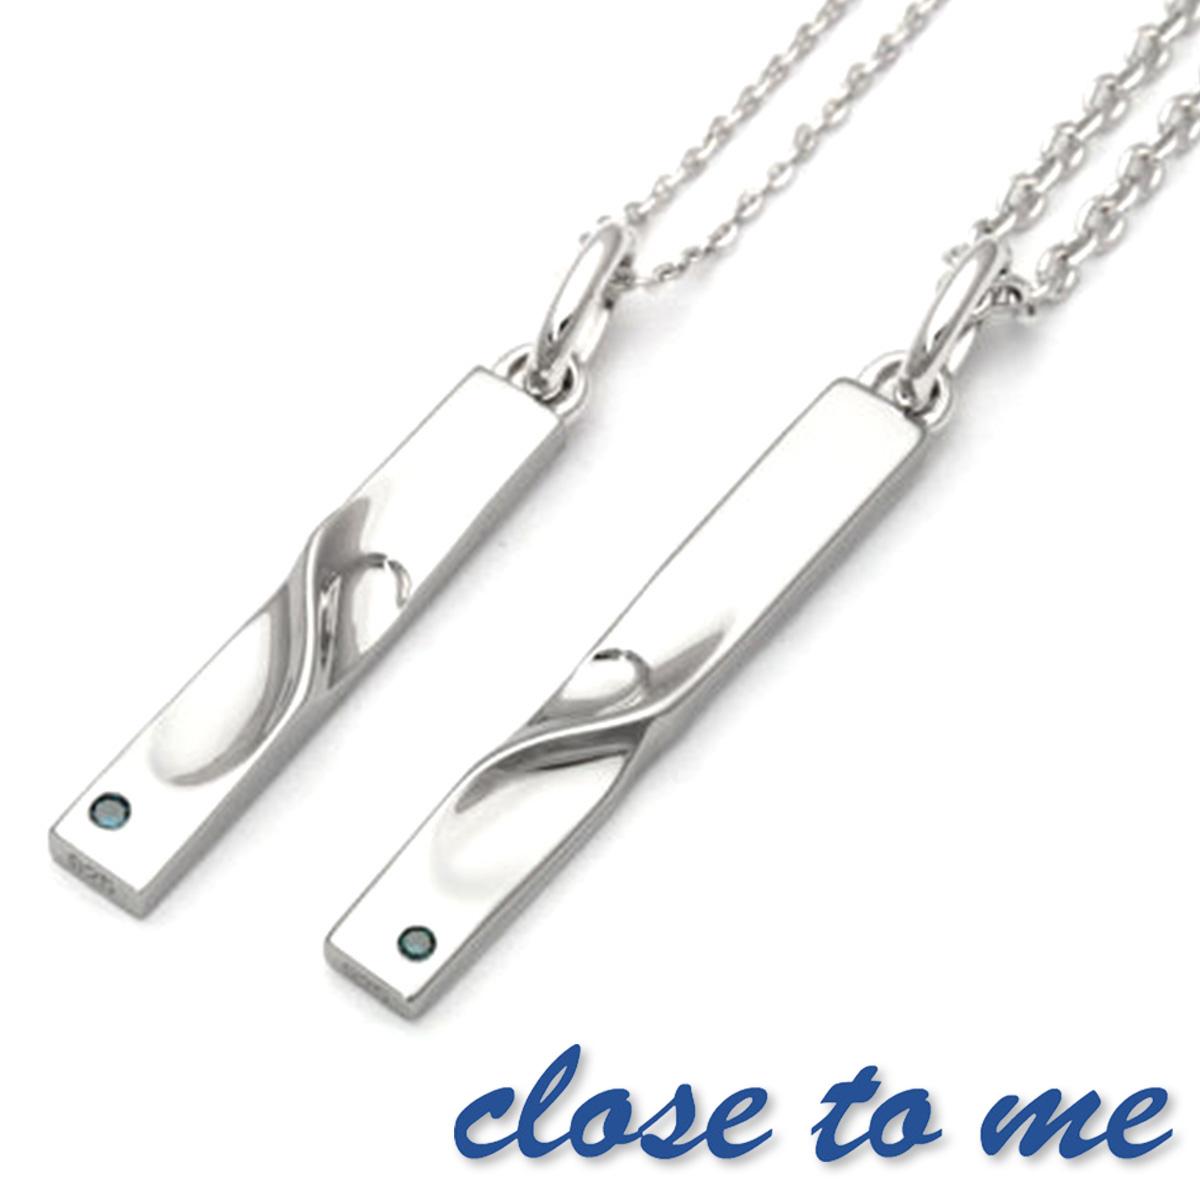 close to me/クローストゥーミー ブルー ダイヤモンド ツイスト ペアネックレス メンズ レディース SN13-173-174【刻印無料】